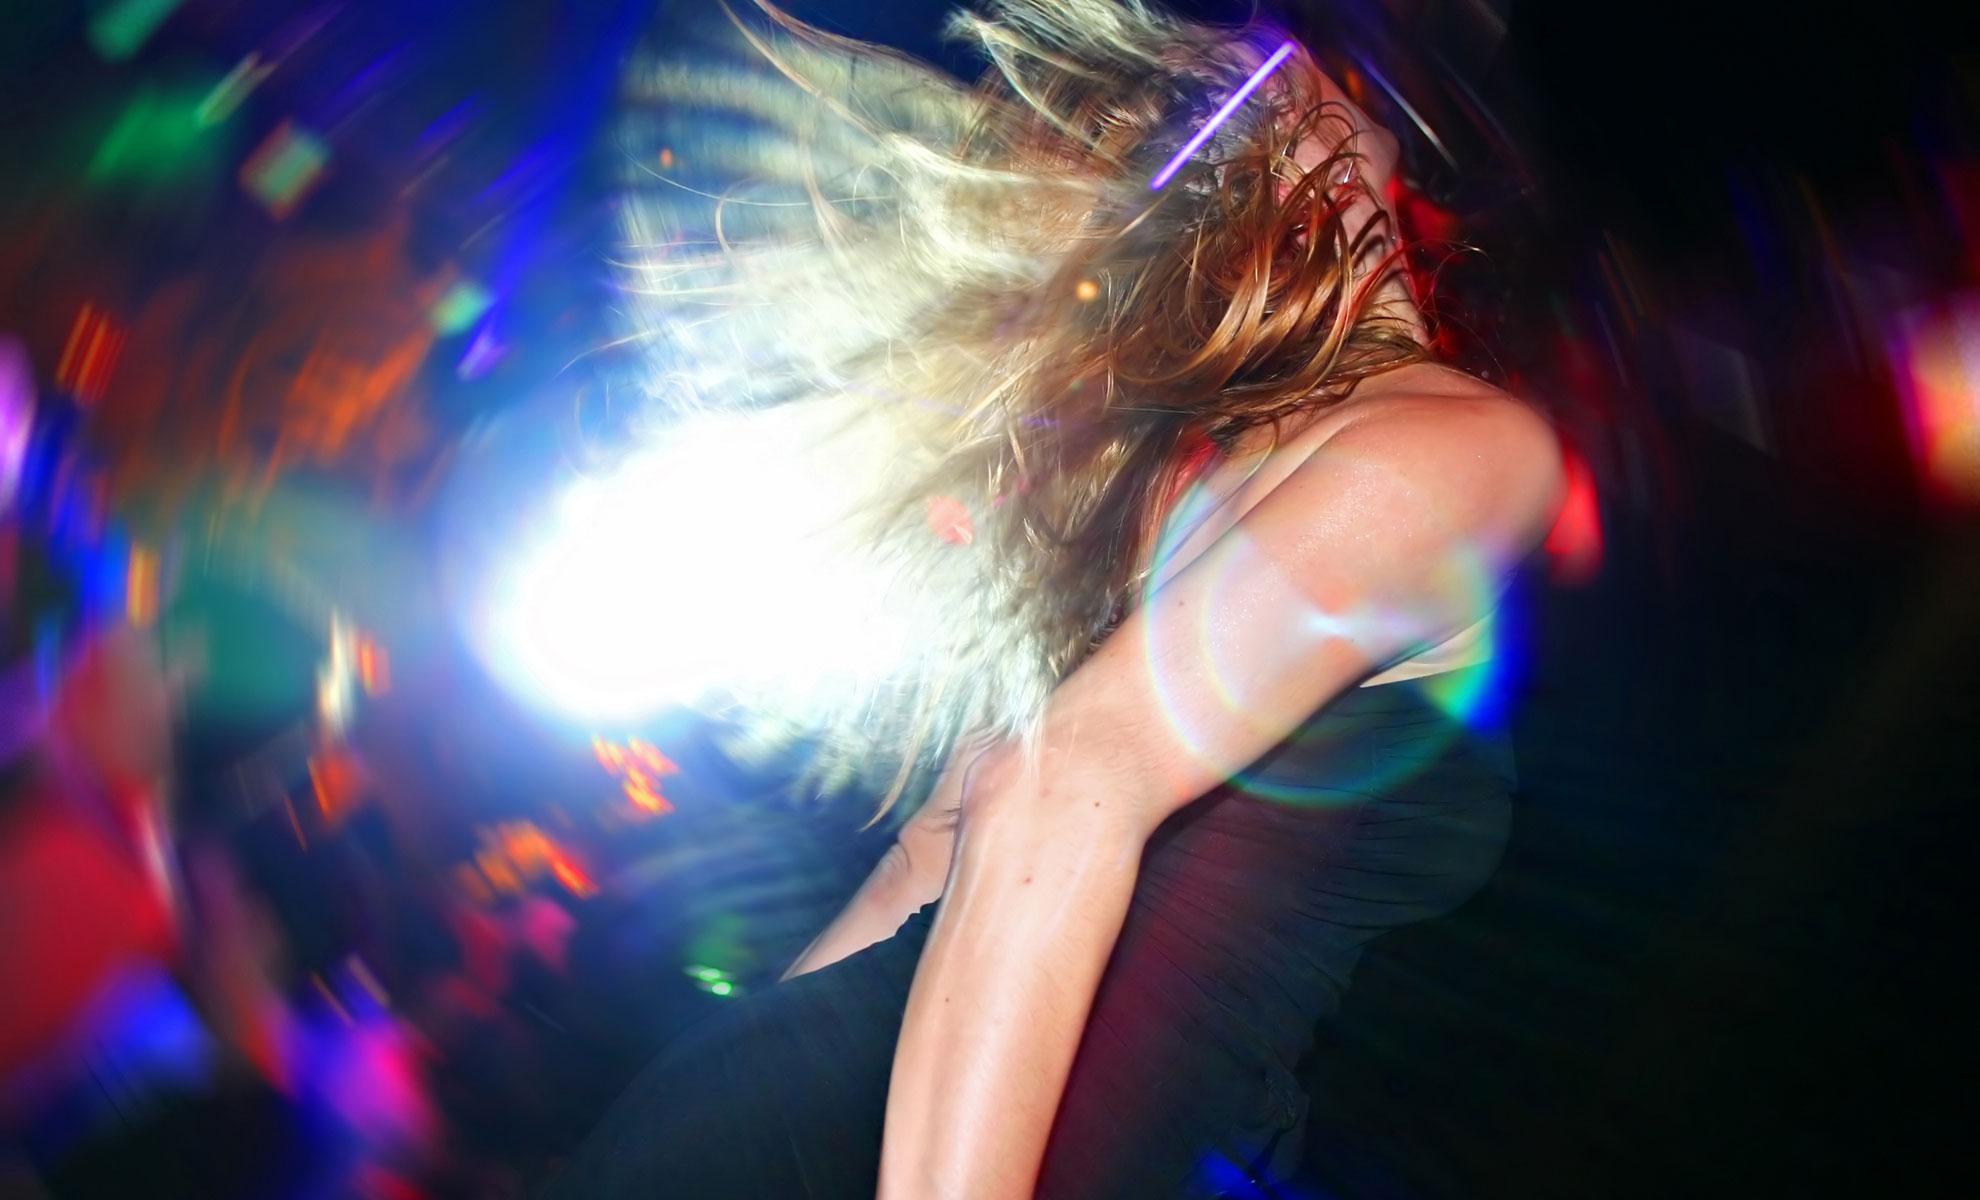 Секси девочка в клубе 20 фотография